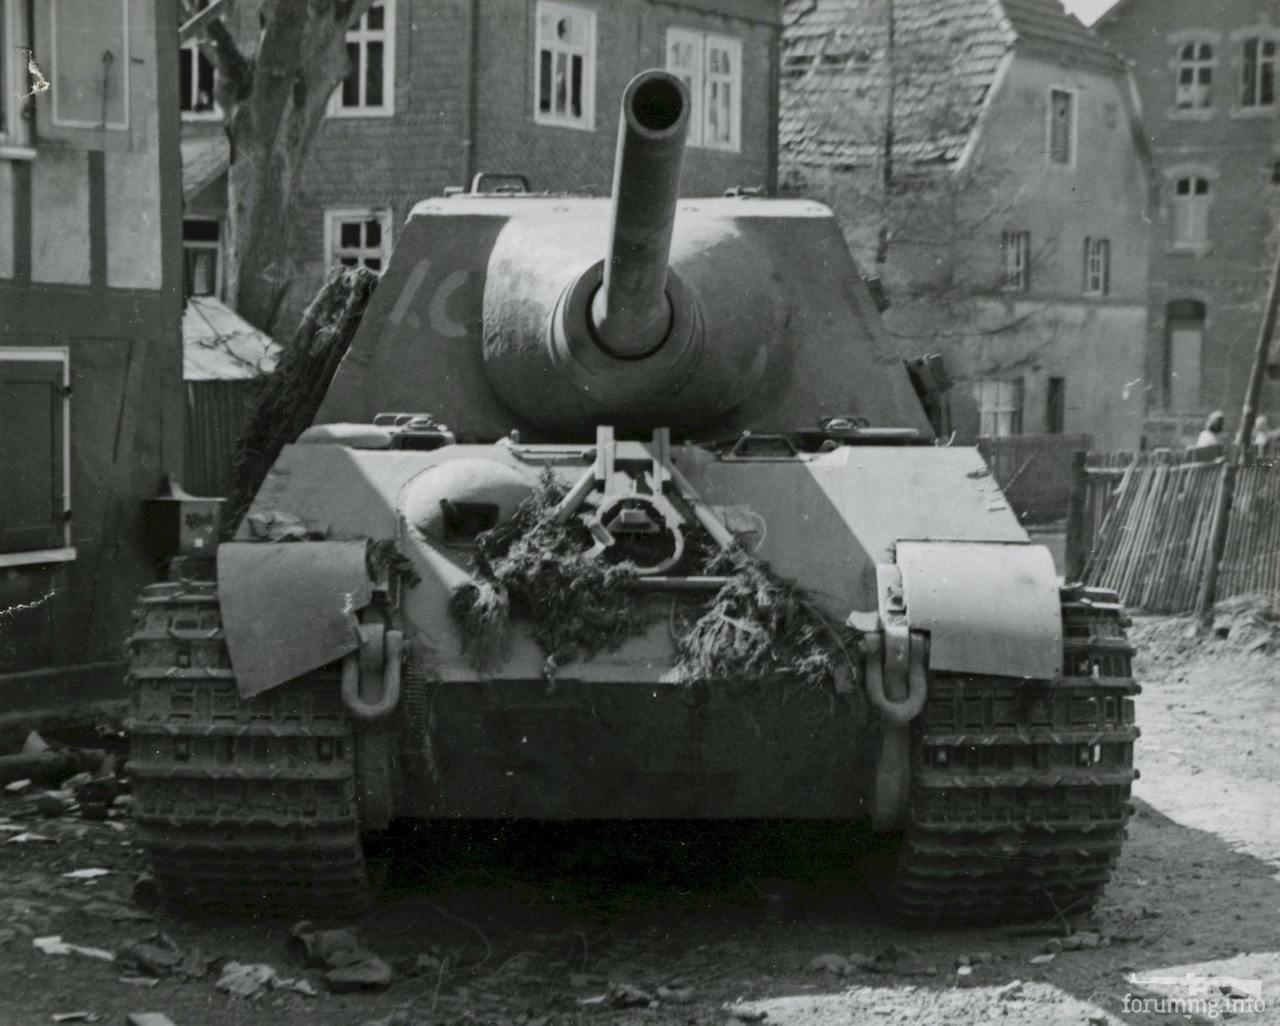 122003 - Achtung Panzer!